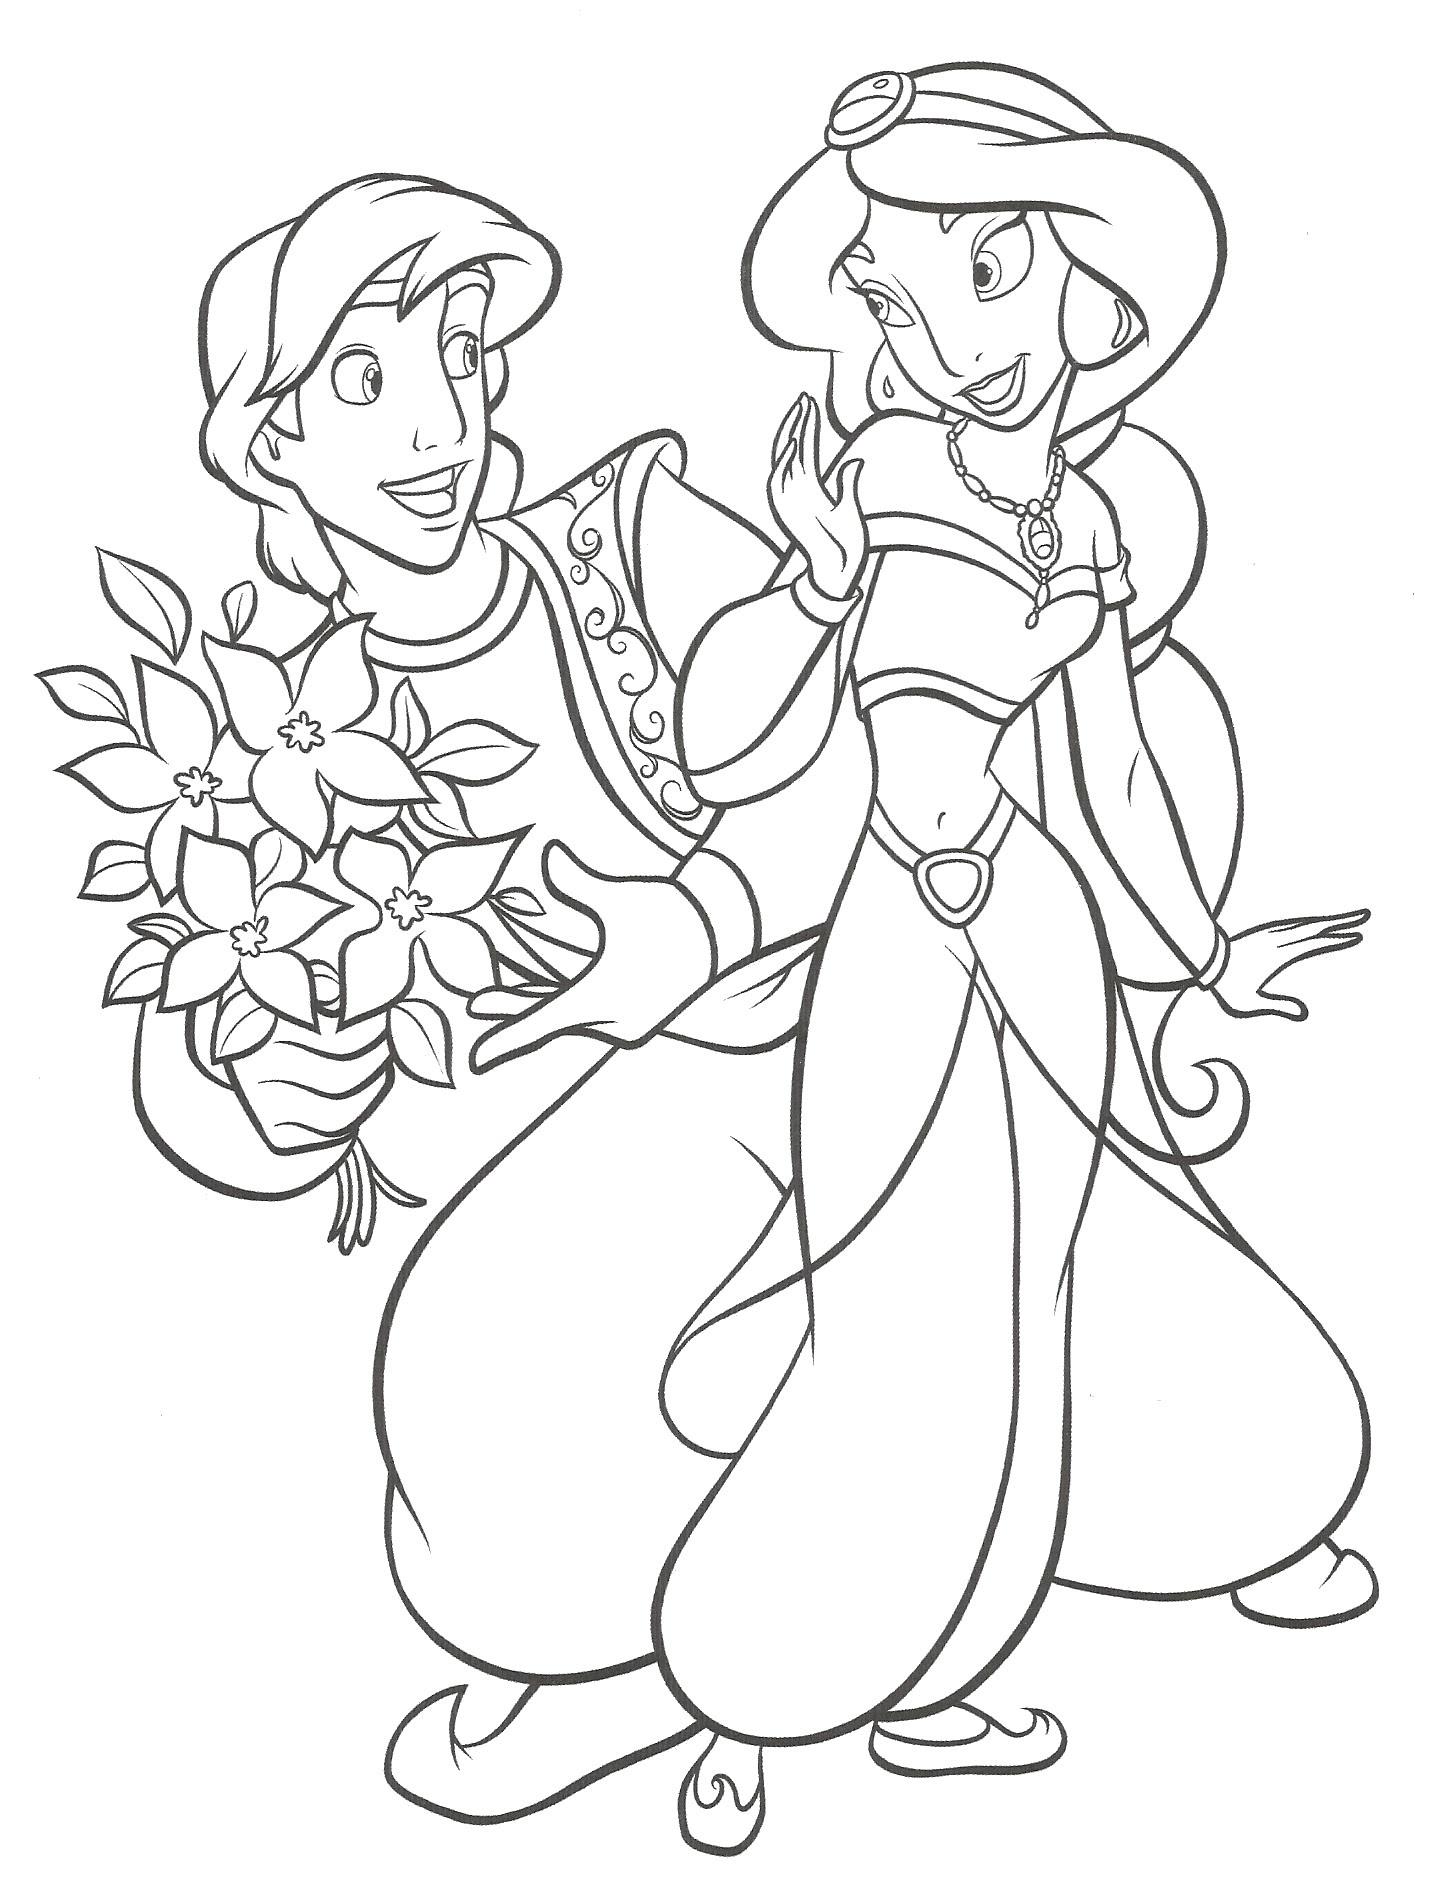 Dessin Dessin de jasmine gratuit